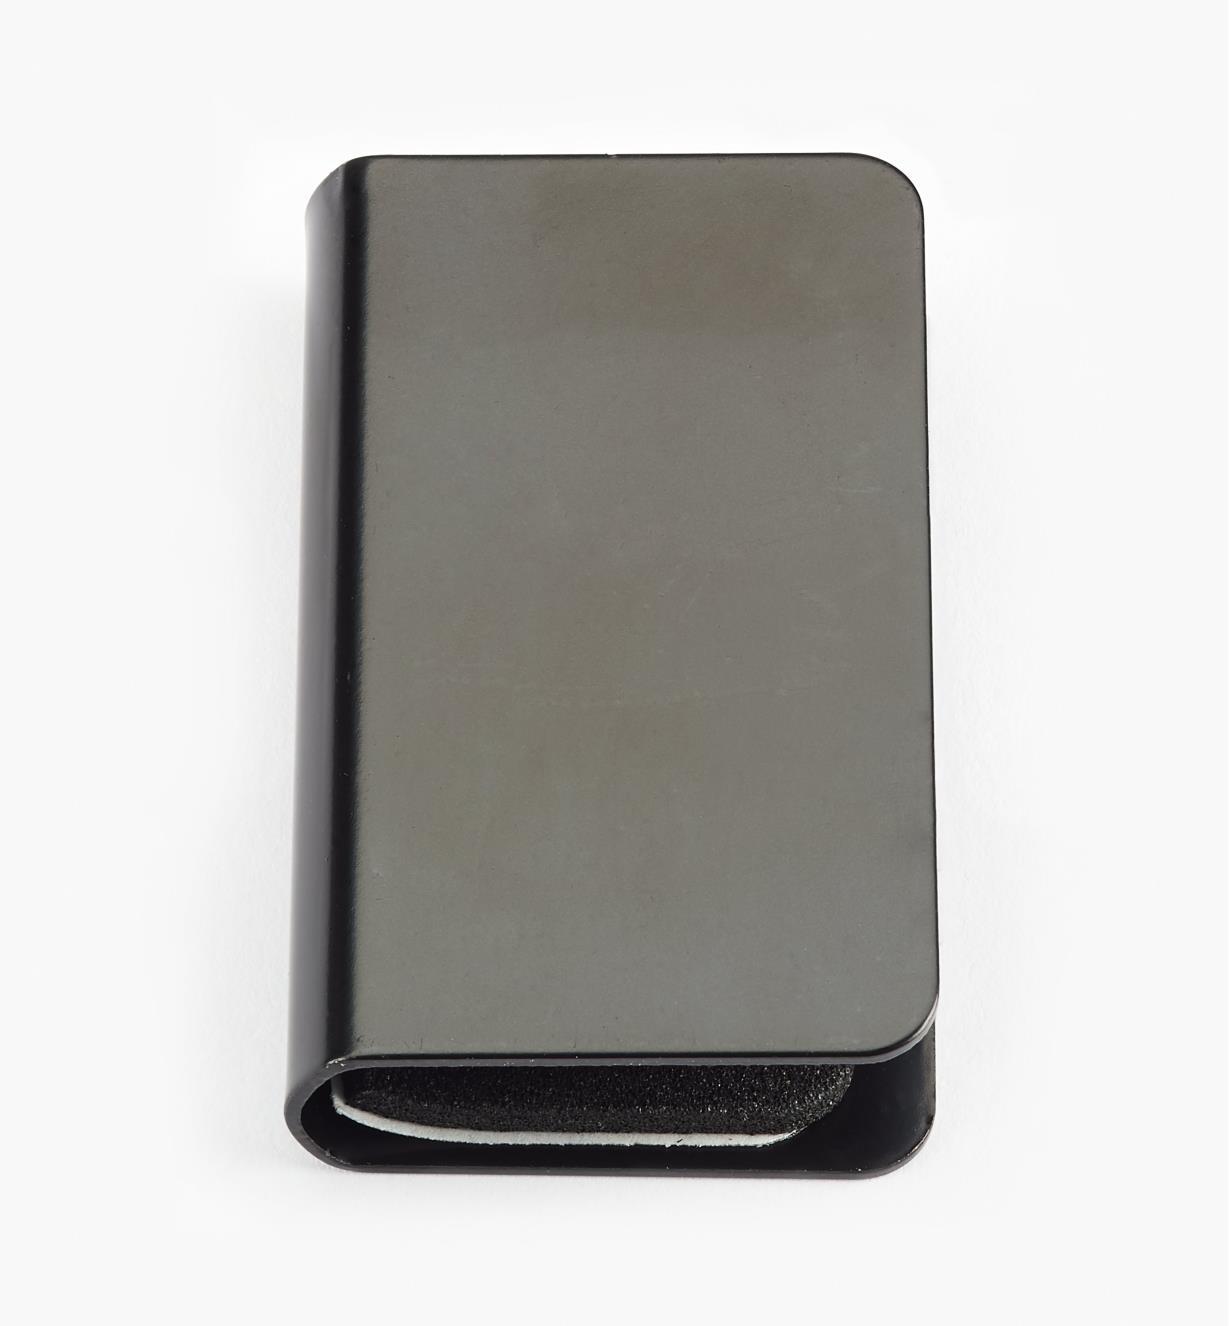 00W0303 - Fermeture à friction pour porte en verre, fini noir, l'unité